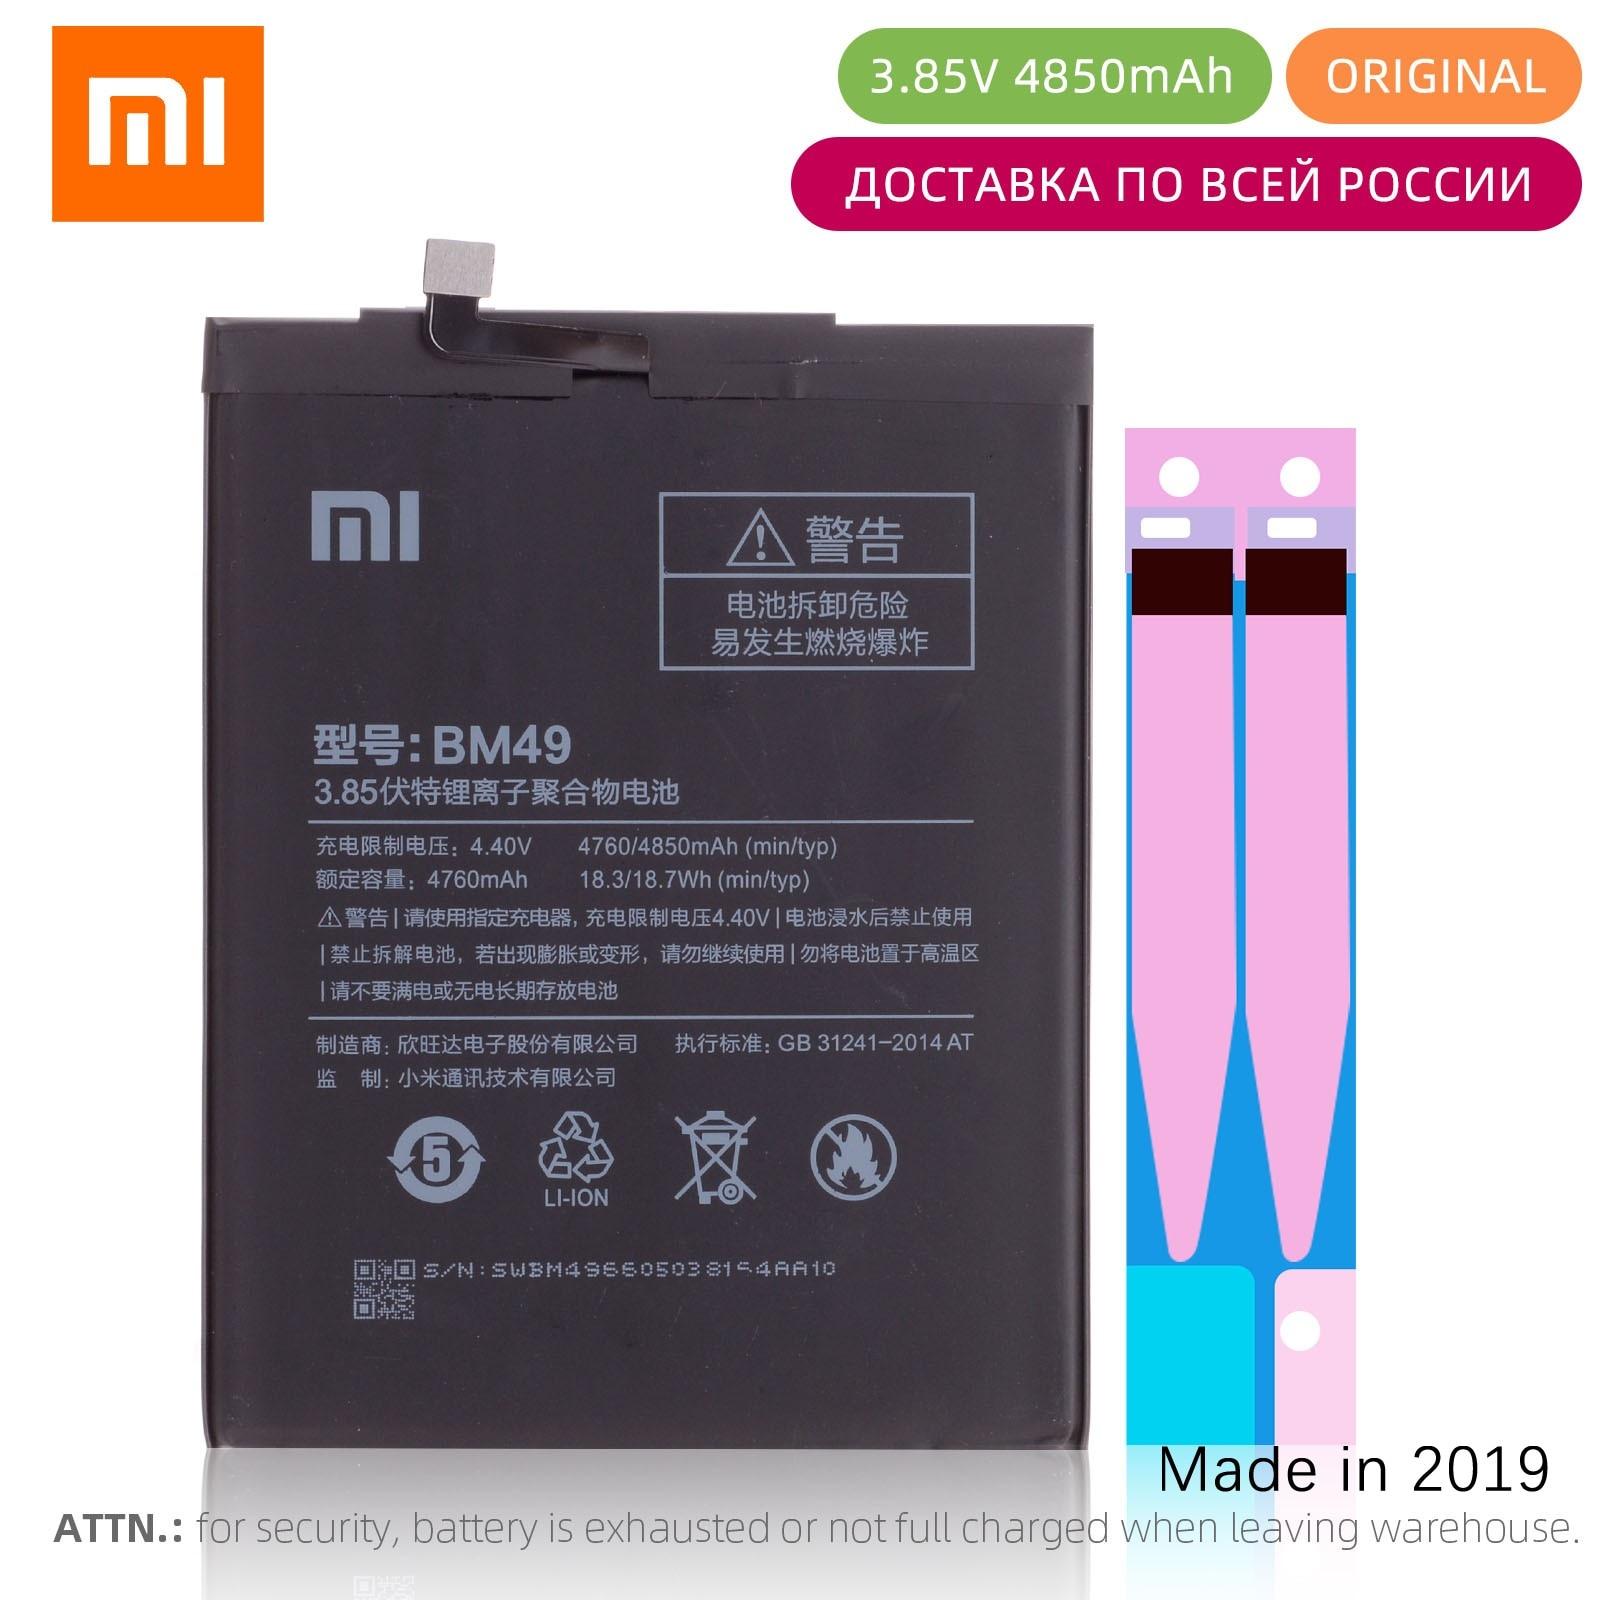 Batterie d'origine pour XIAOMI Mi Max batterie BM49 4760mAh remplacement pleine capacité